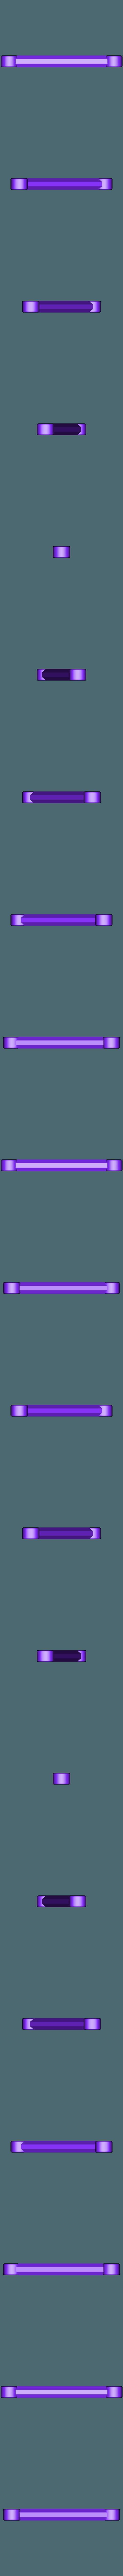 Front camber link.stl Télécharger fichier STL gratuit WLtoys A959 • Plan imprimable en 3D, EvolvingExtrusions